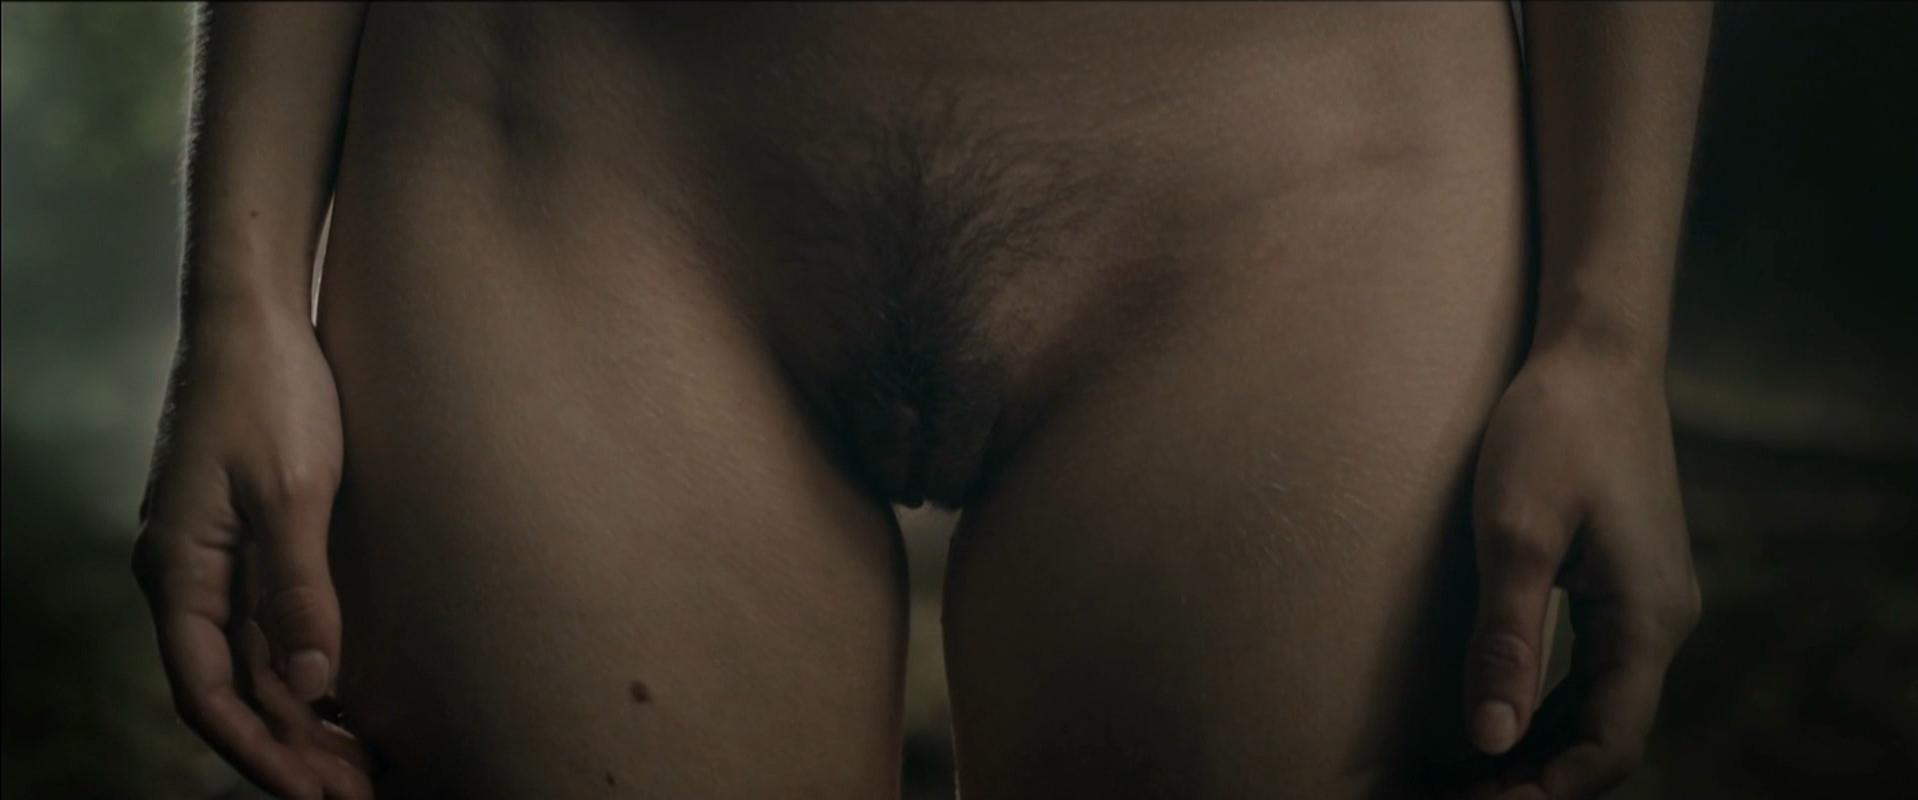 Margot Lourdet nude - Naked (2014)